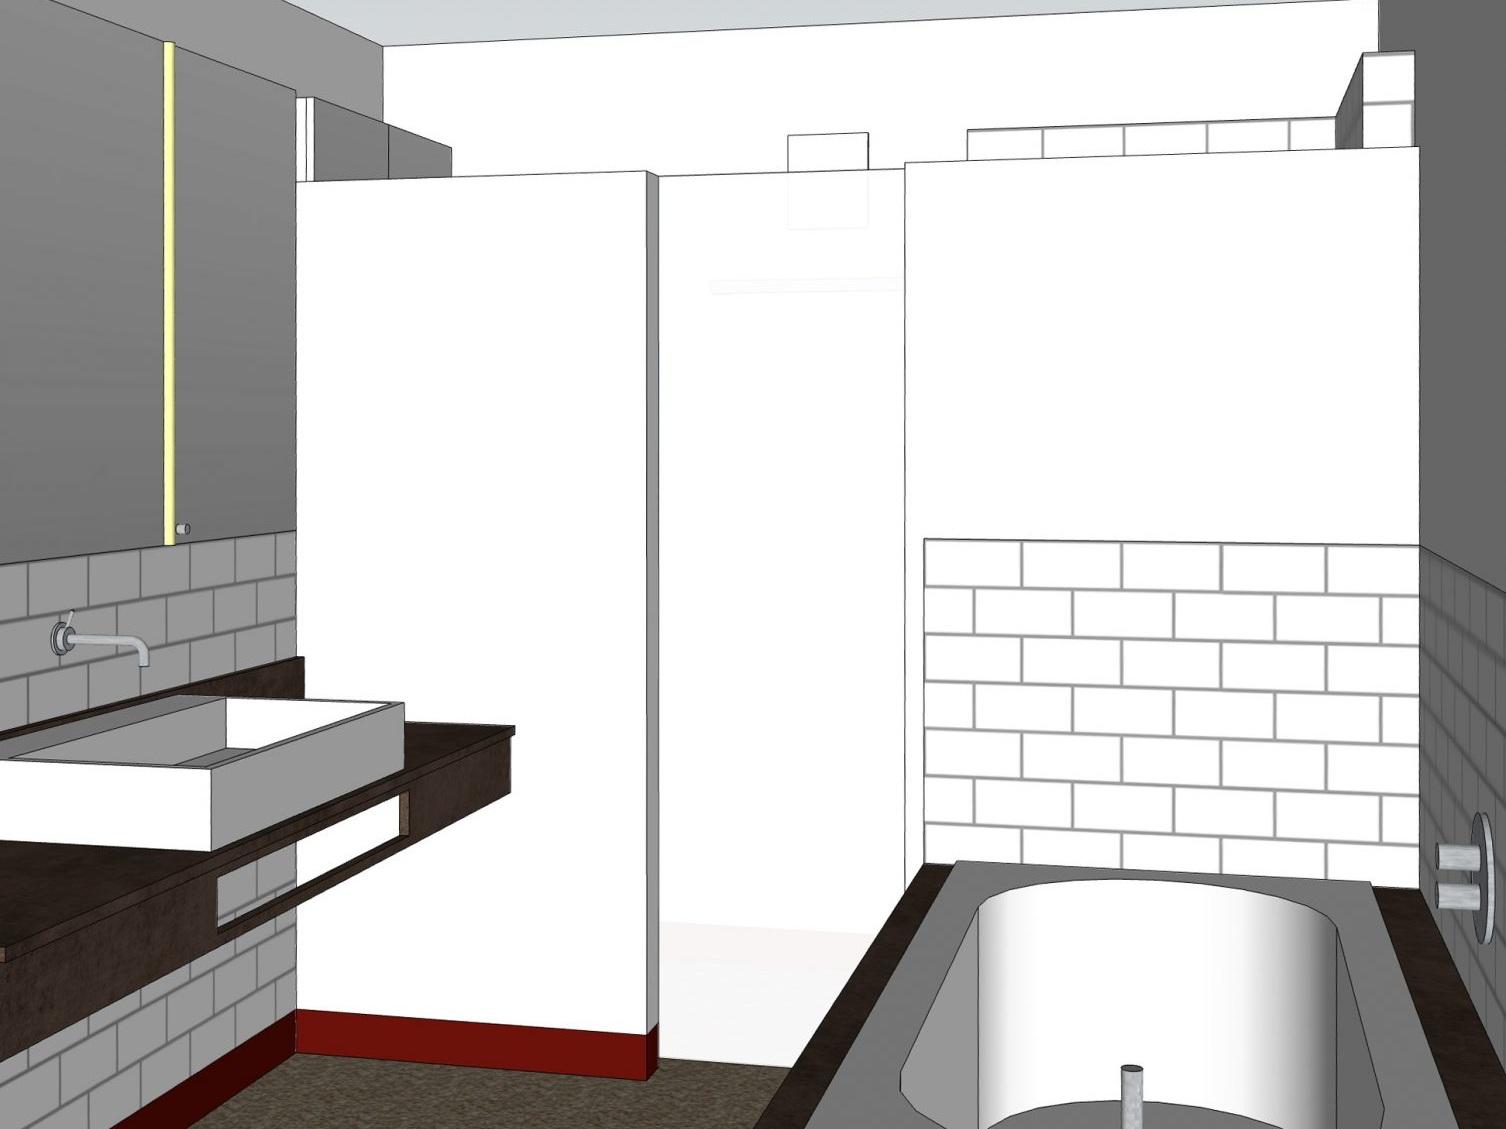 Paarbad mit Lichtkuppel - Visualisierung Duschtür geöffnet